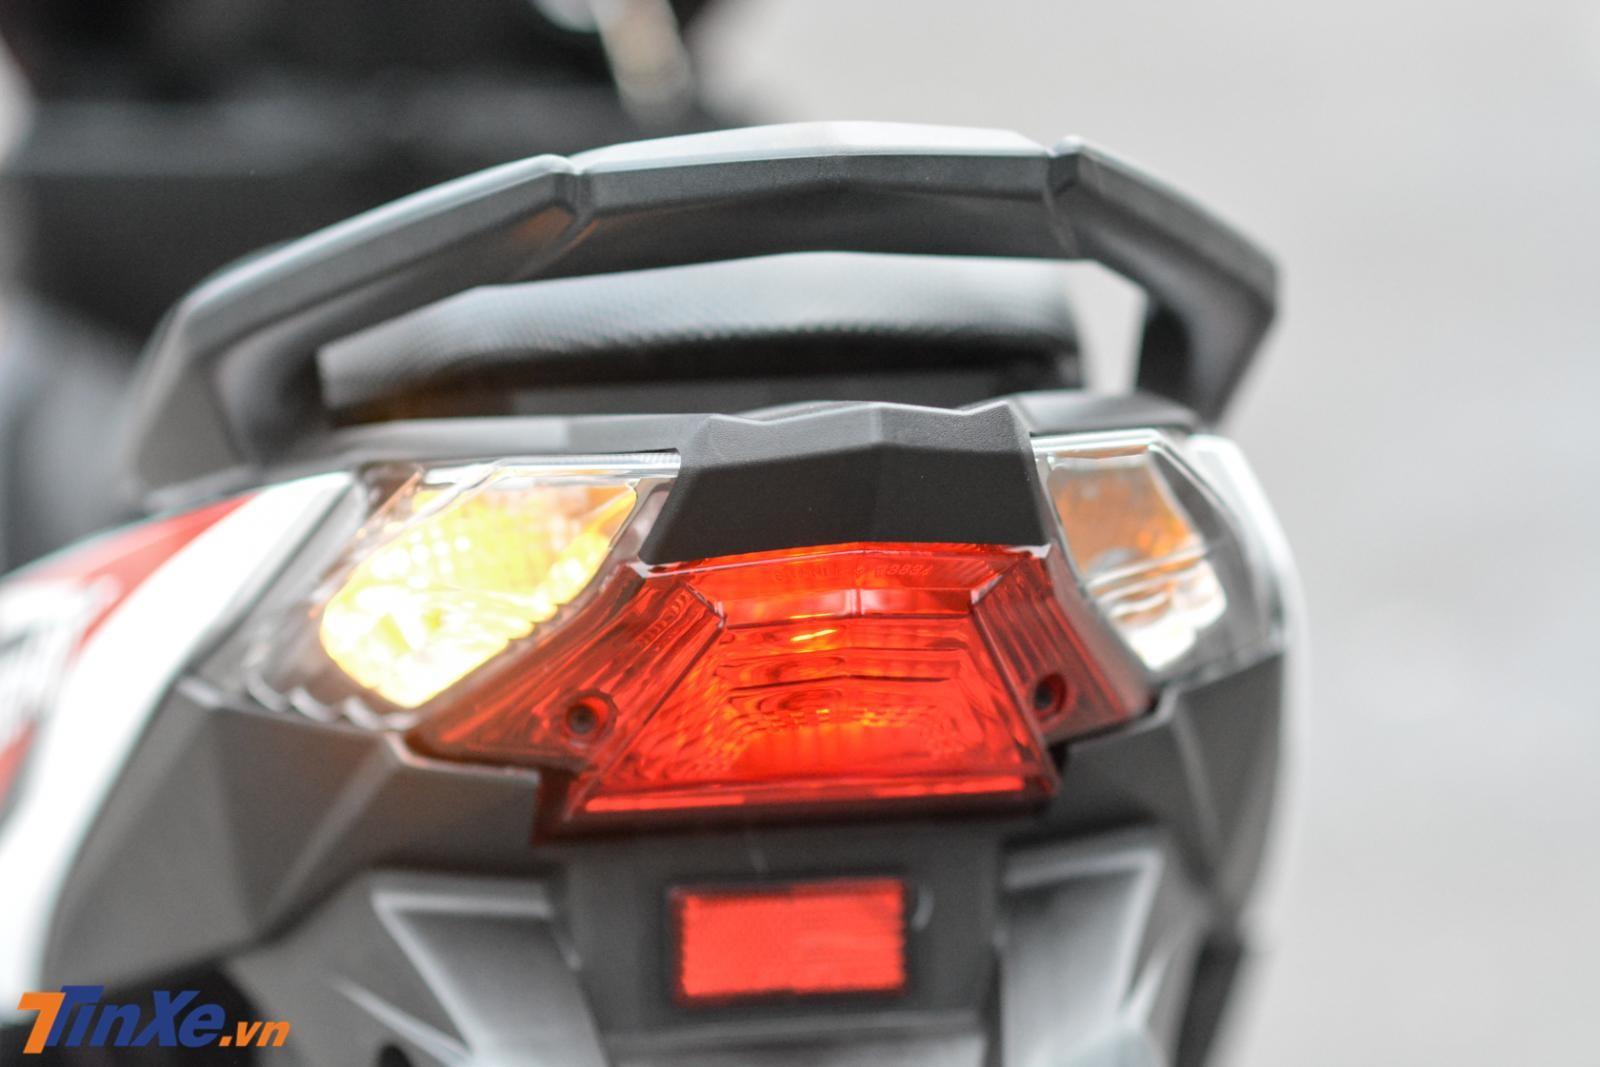 Đèn hậu thiết kế đơn giản